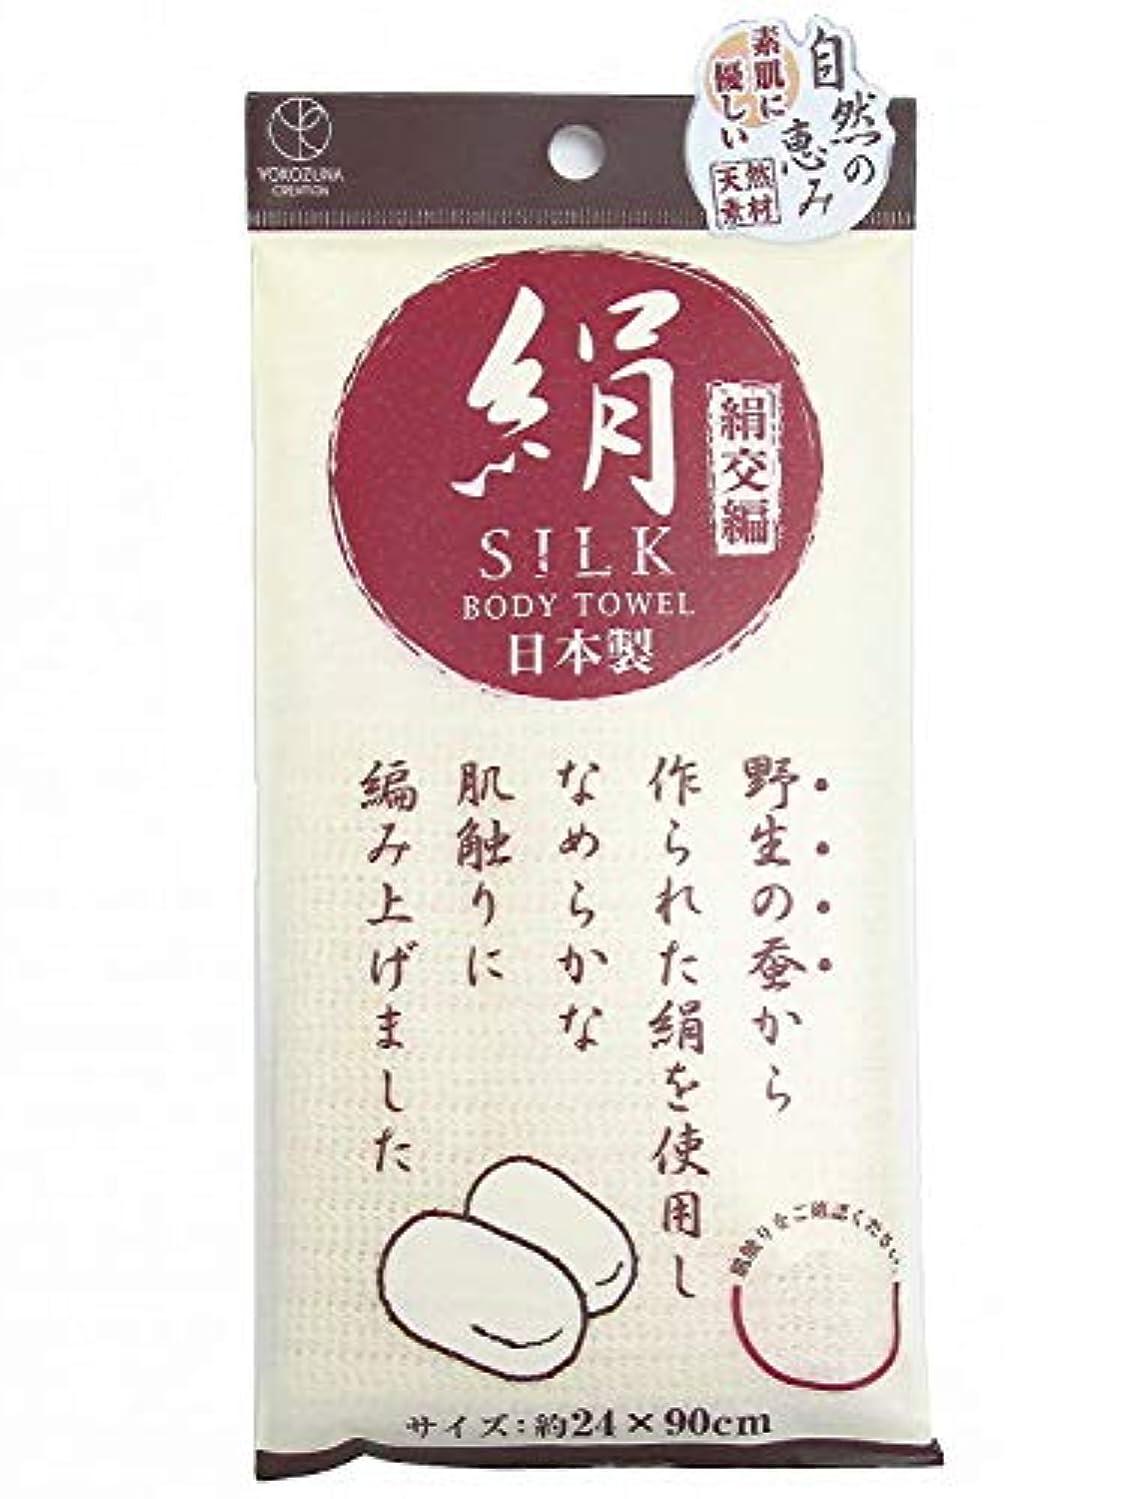 会社マイクアニメーションシルク ボディタオル 日本製 ソフト 泡立ち 絹タオル ボディータオル やわらか 敏感肌 (クリーム)